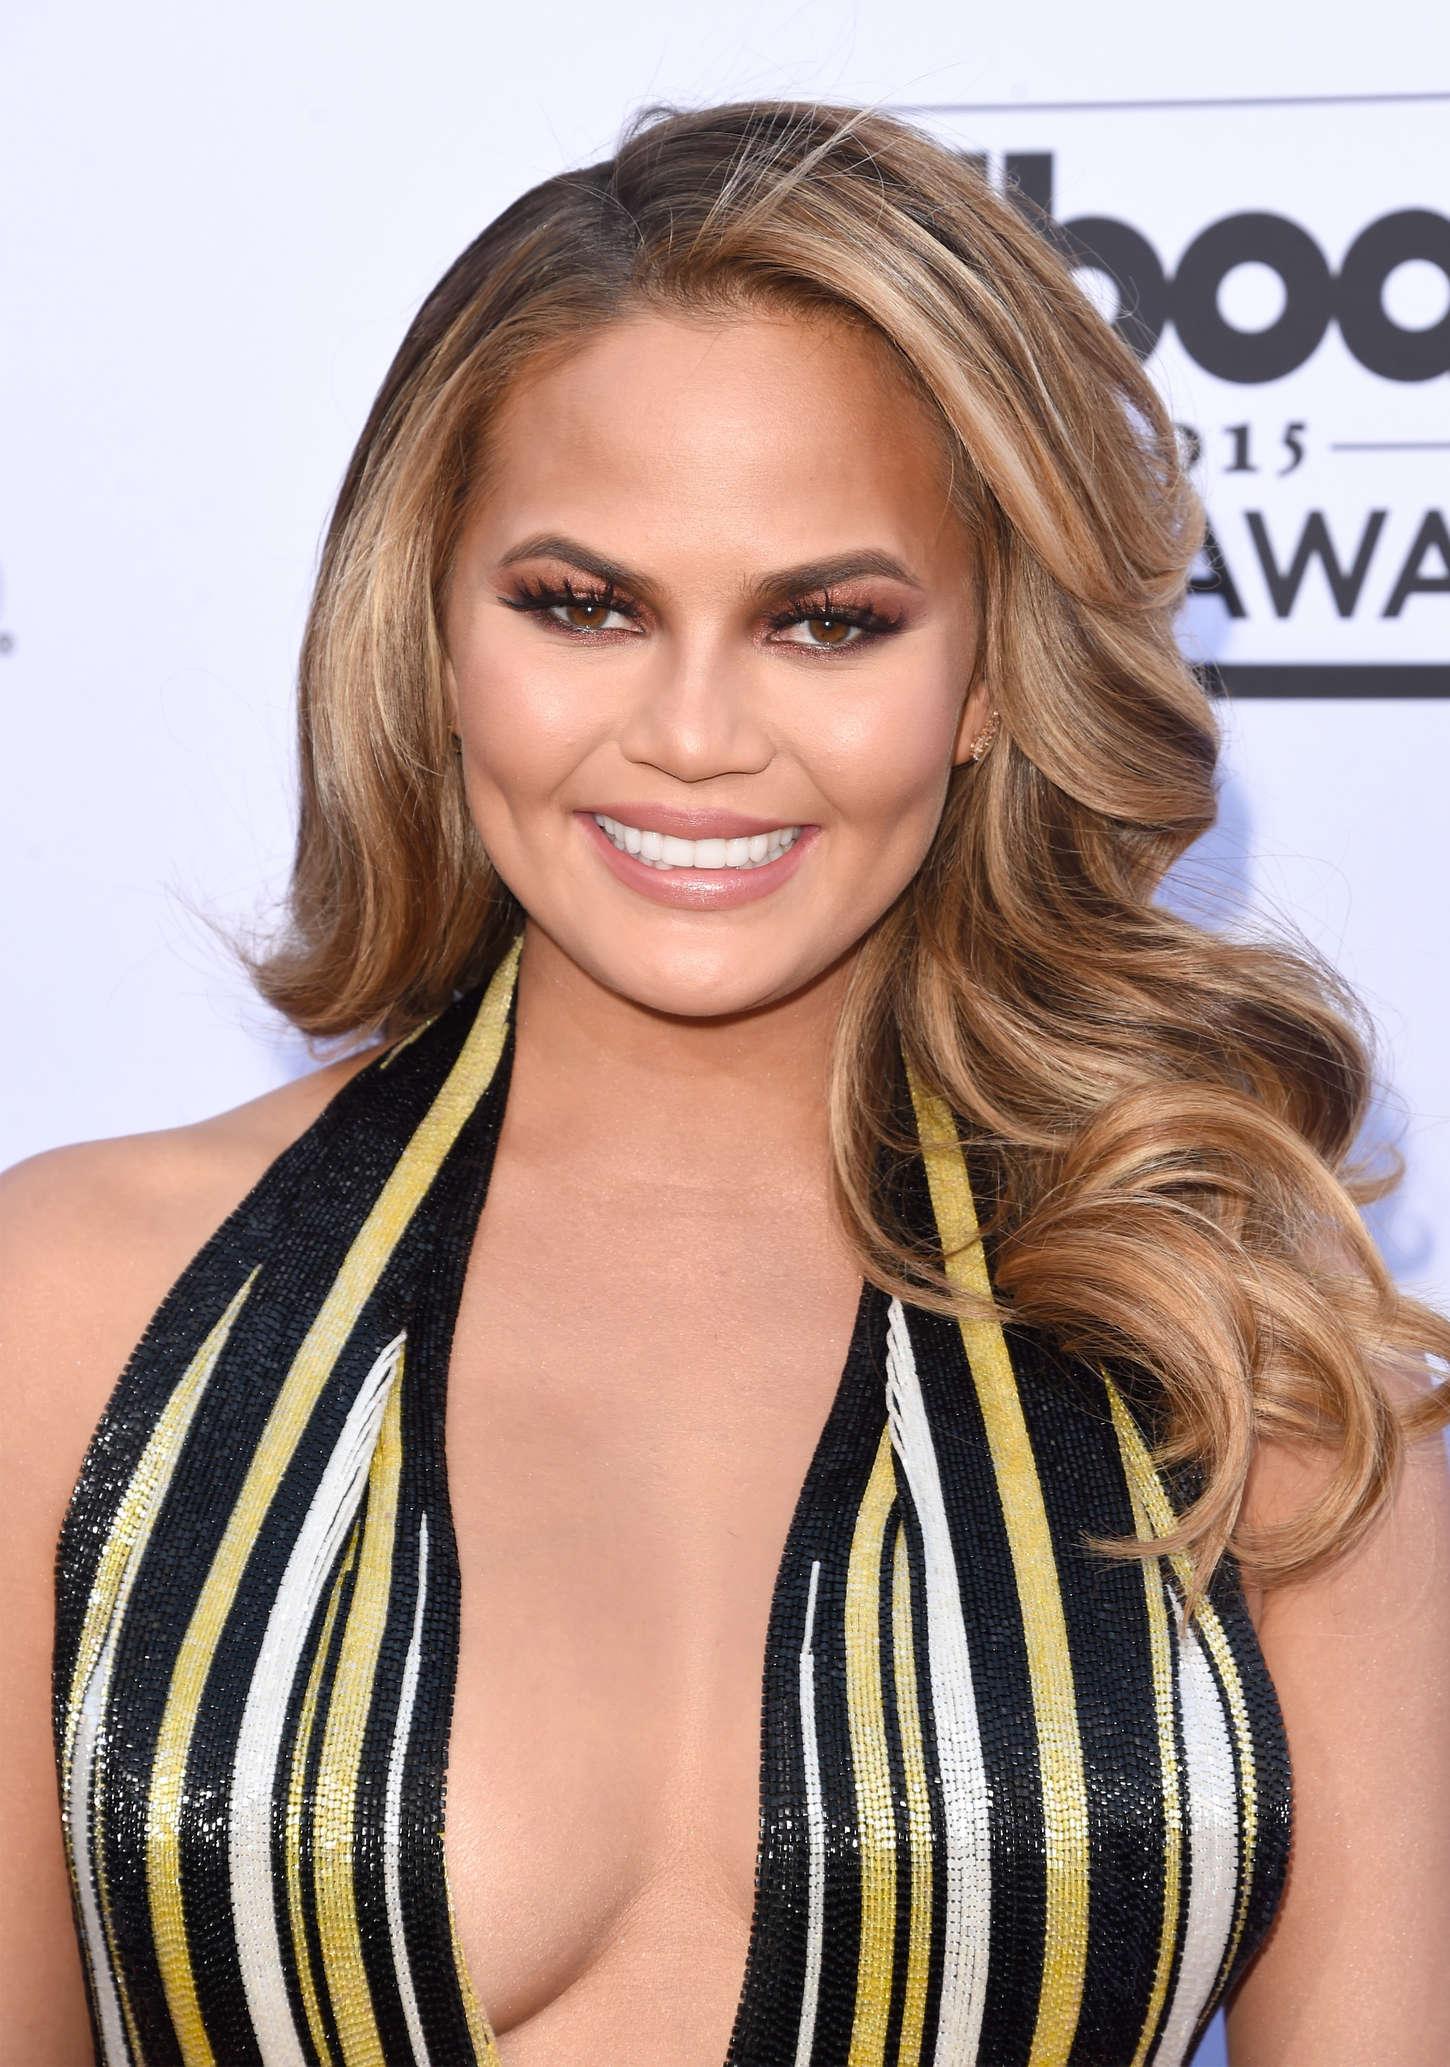 Chrissy Teigen - Billboard Music Awards 2015 in Las Vegas